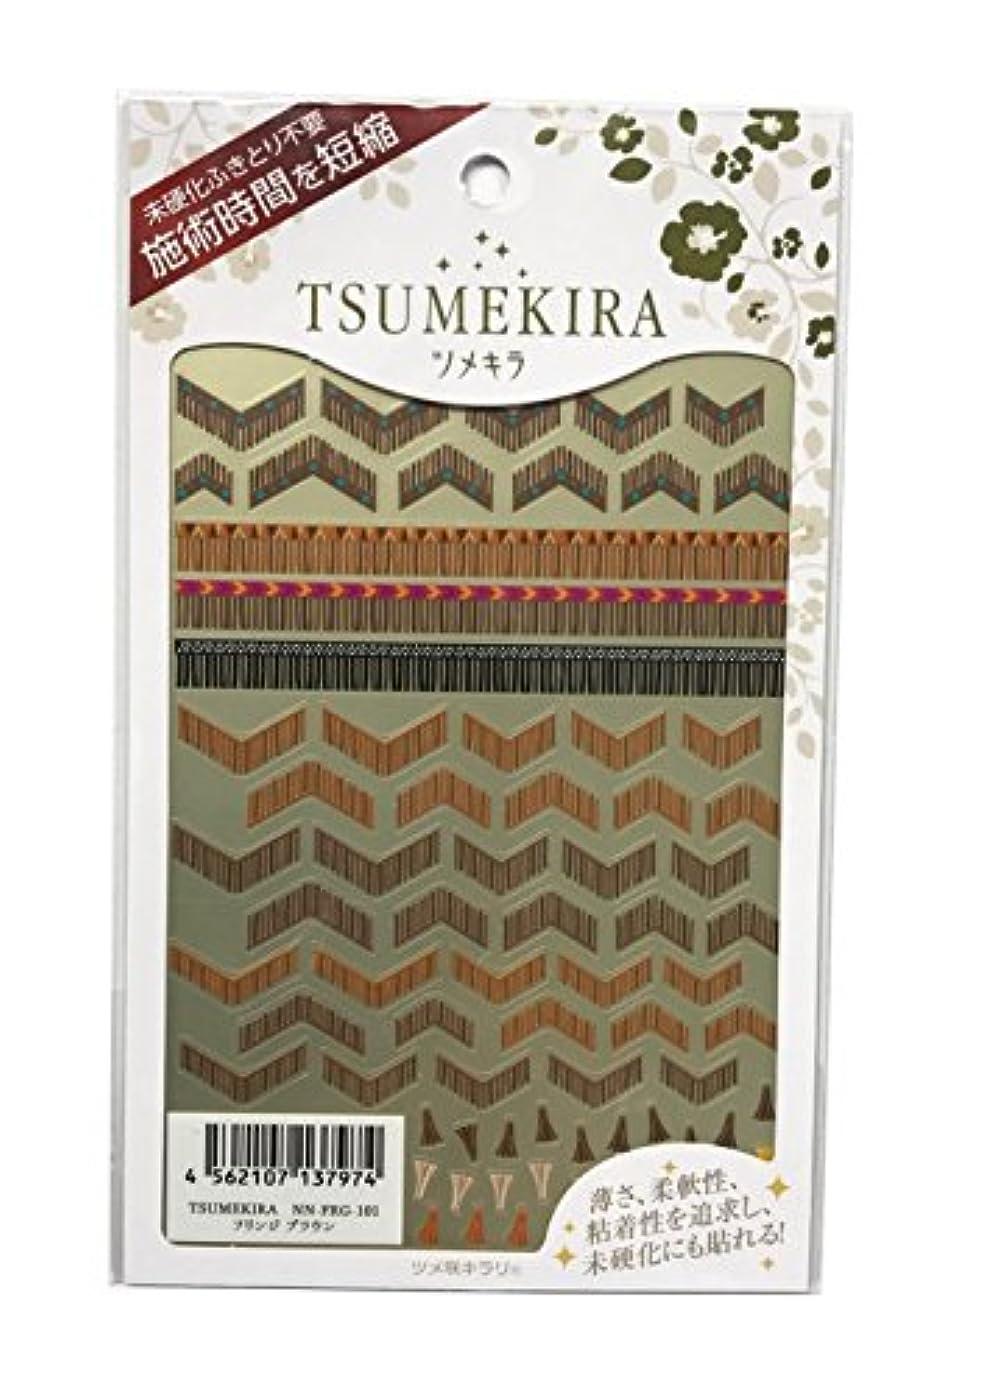 ジョージエリオット入学する高めるツメキラ(TSUMEKIRA) ネイル用シール フリンジ ブラウン NN-FRG-101